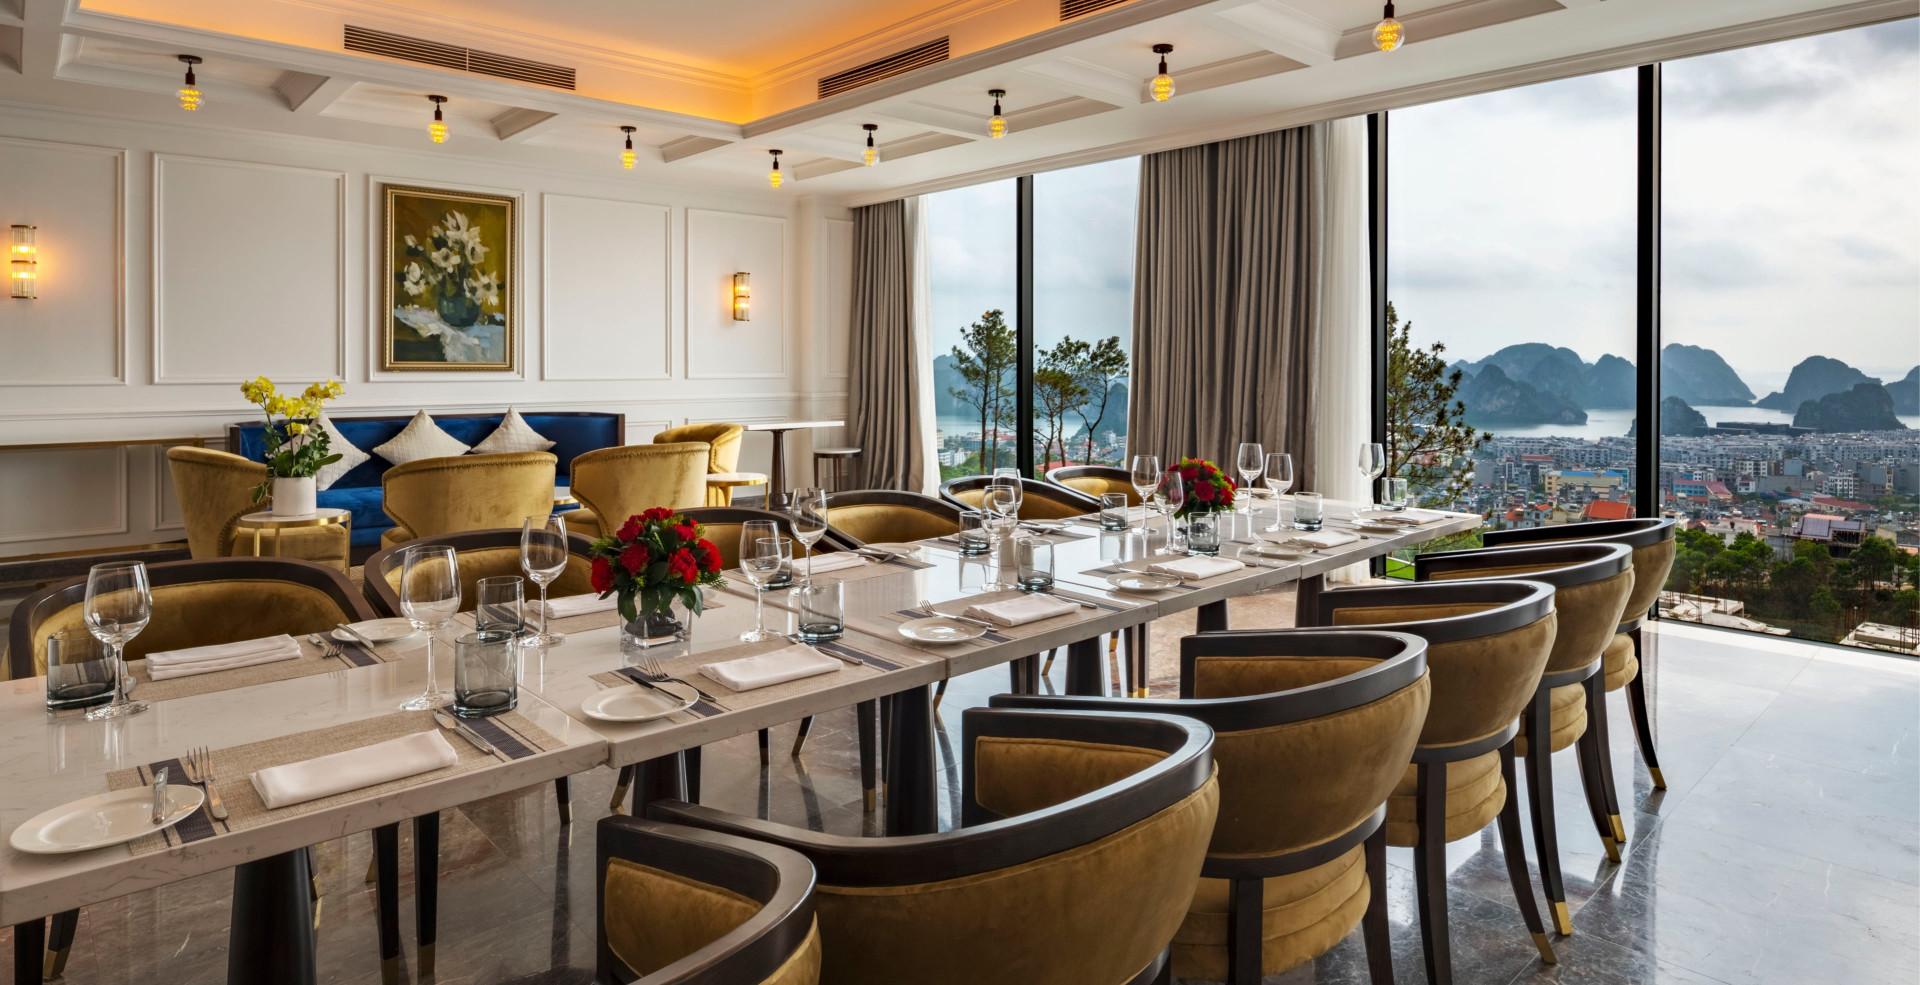 nhà hàng FLC Hạ Long - Booking phòng khách sạn FLC Hạ Long